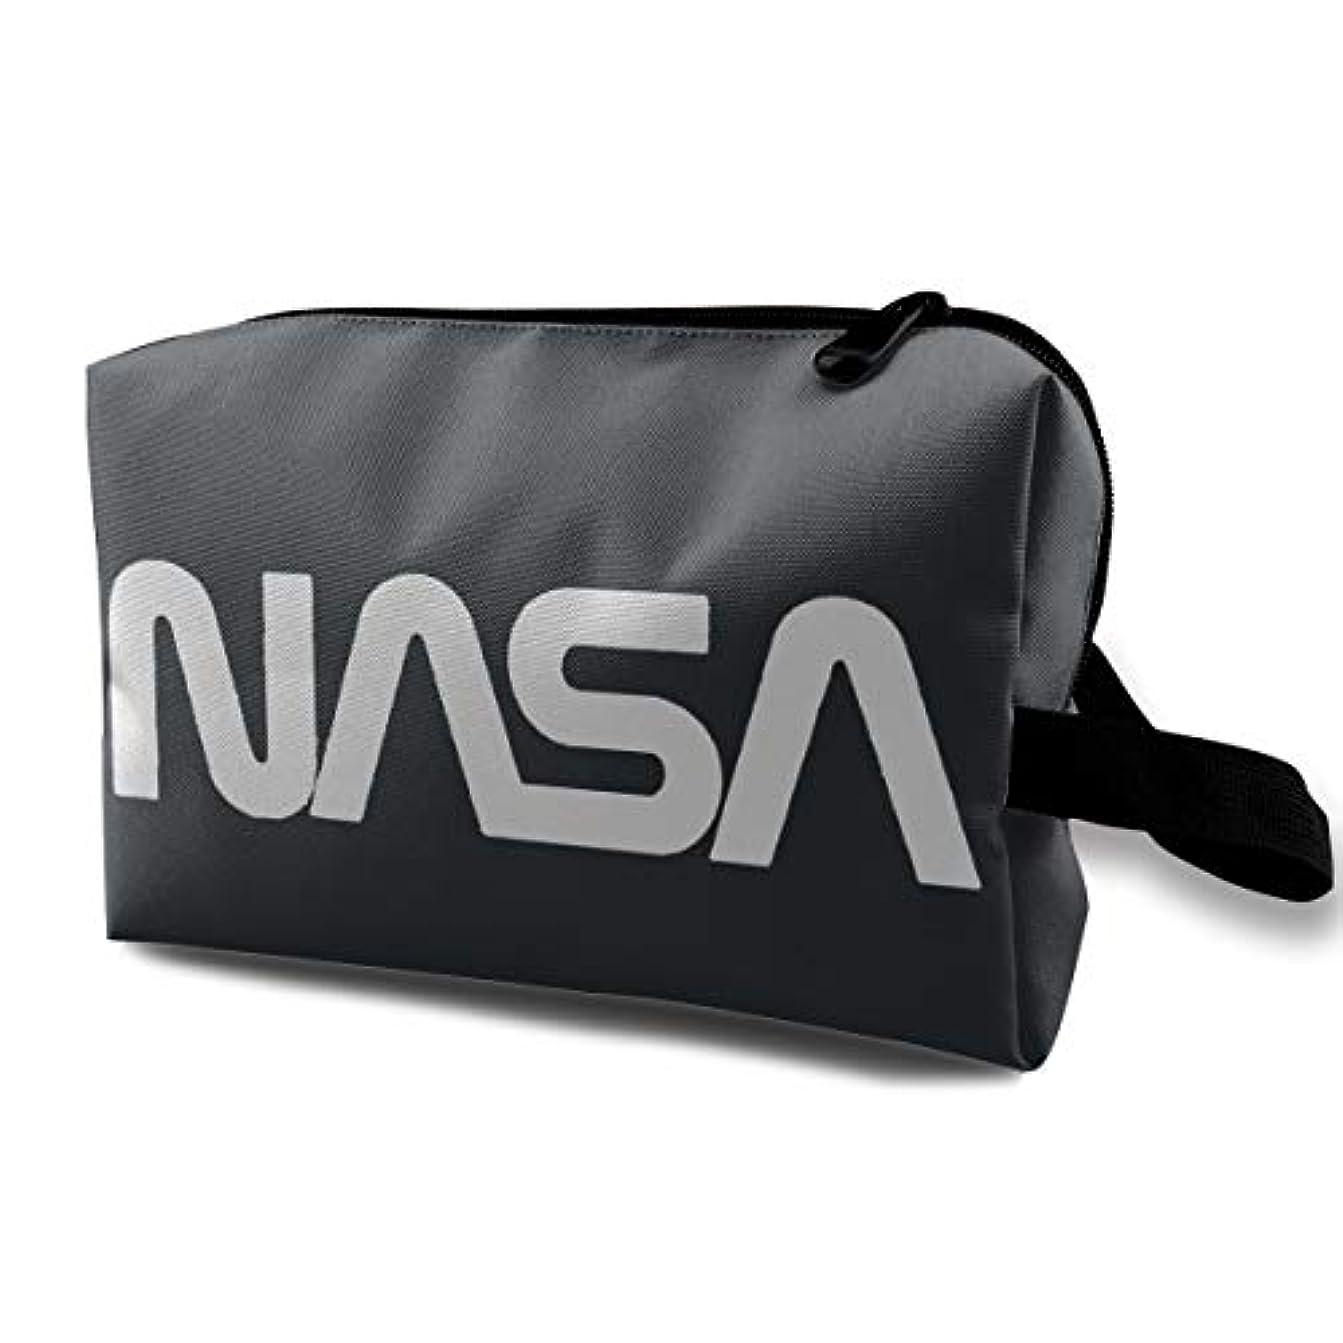 厳密に摂氏度証明書DSB 化粧ポーチ コンパクト メイクポーチ 化粧バッグ NASA 航空 宇宙 化粧品 収納バッグ コスメポーチ メイクブラシバッグ 旅行用 大容量